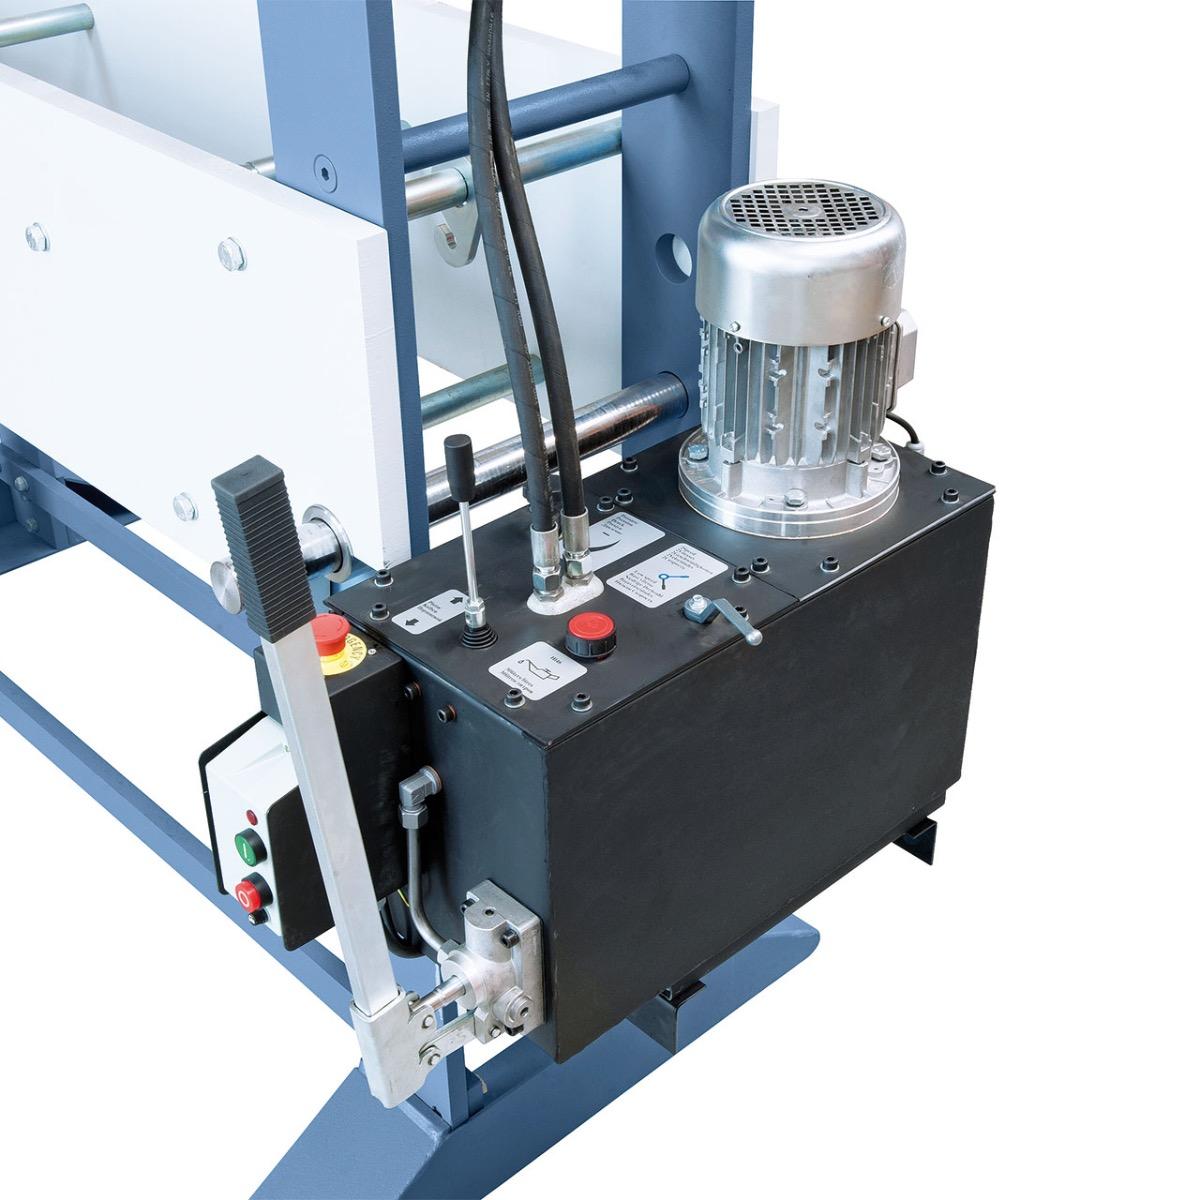 Der Kolbenhub erfolgt wahlweise mittels Handhebel oder Hydraulikpumpe.